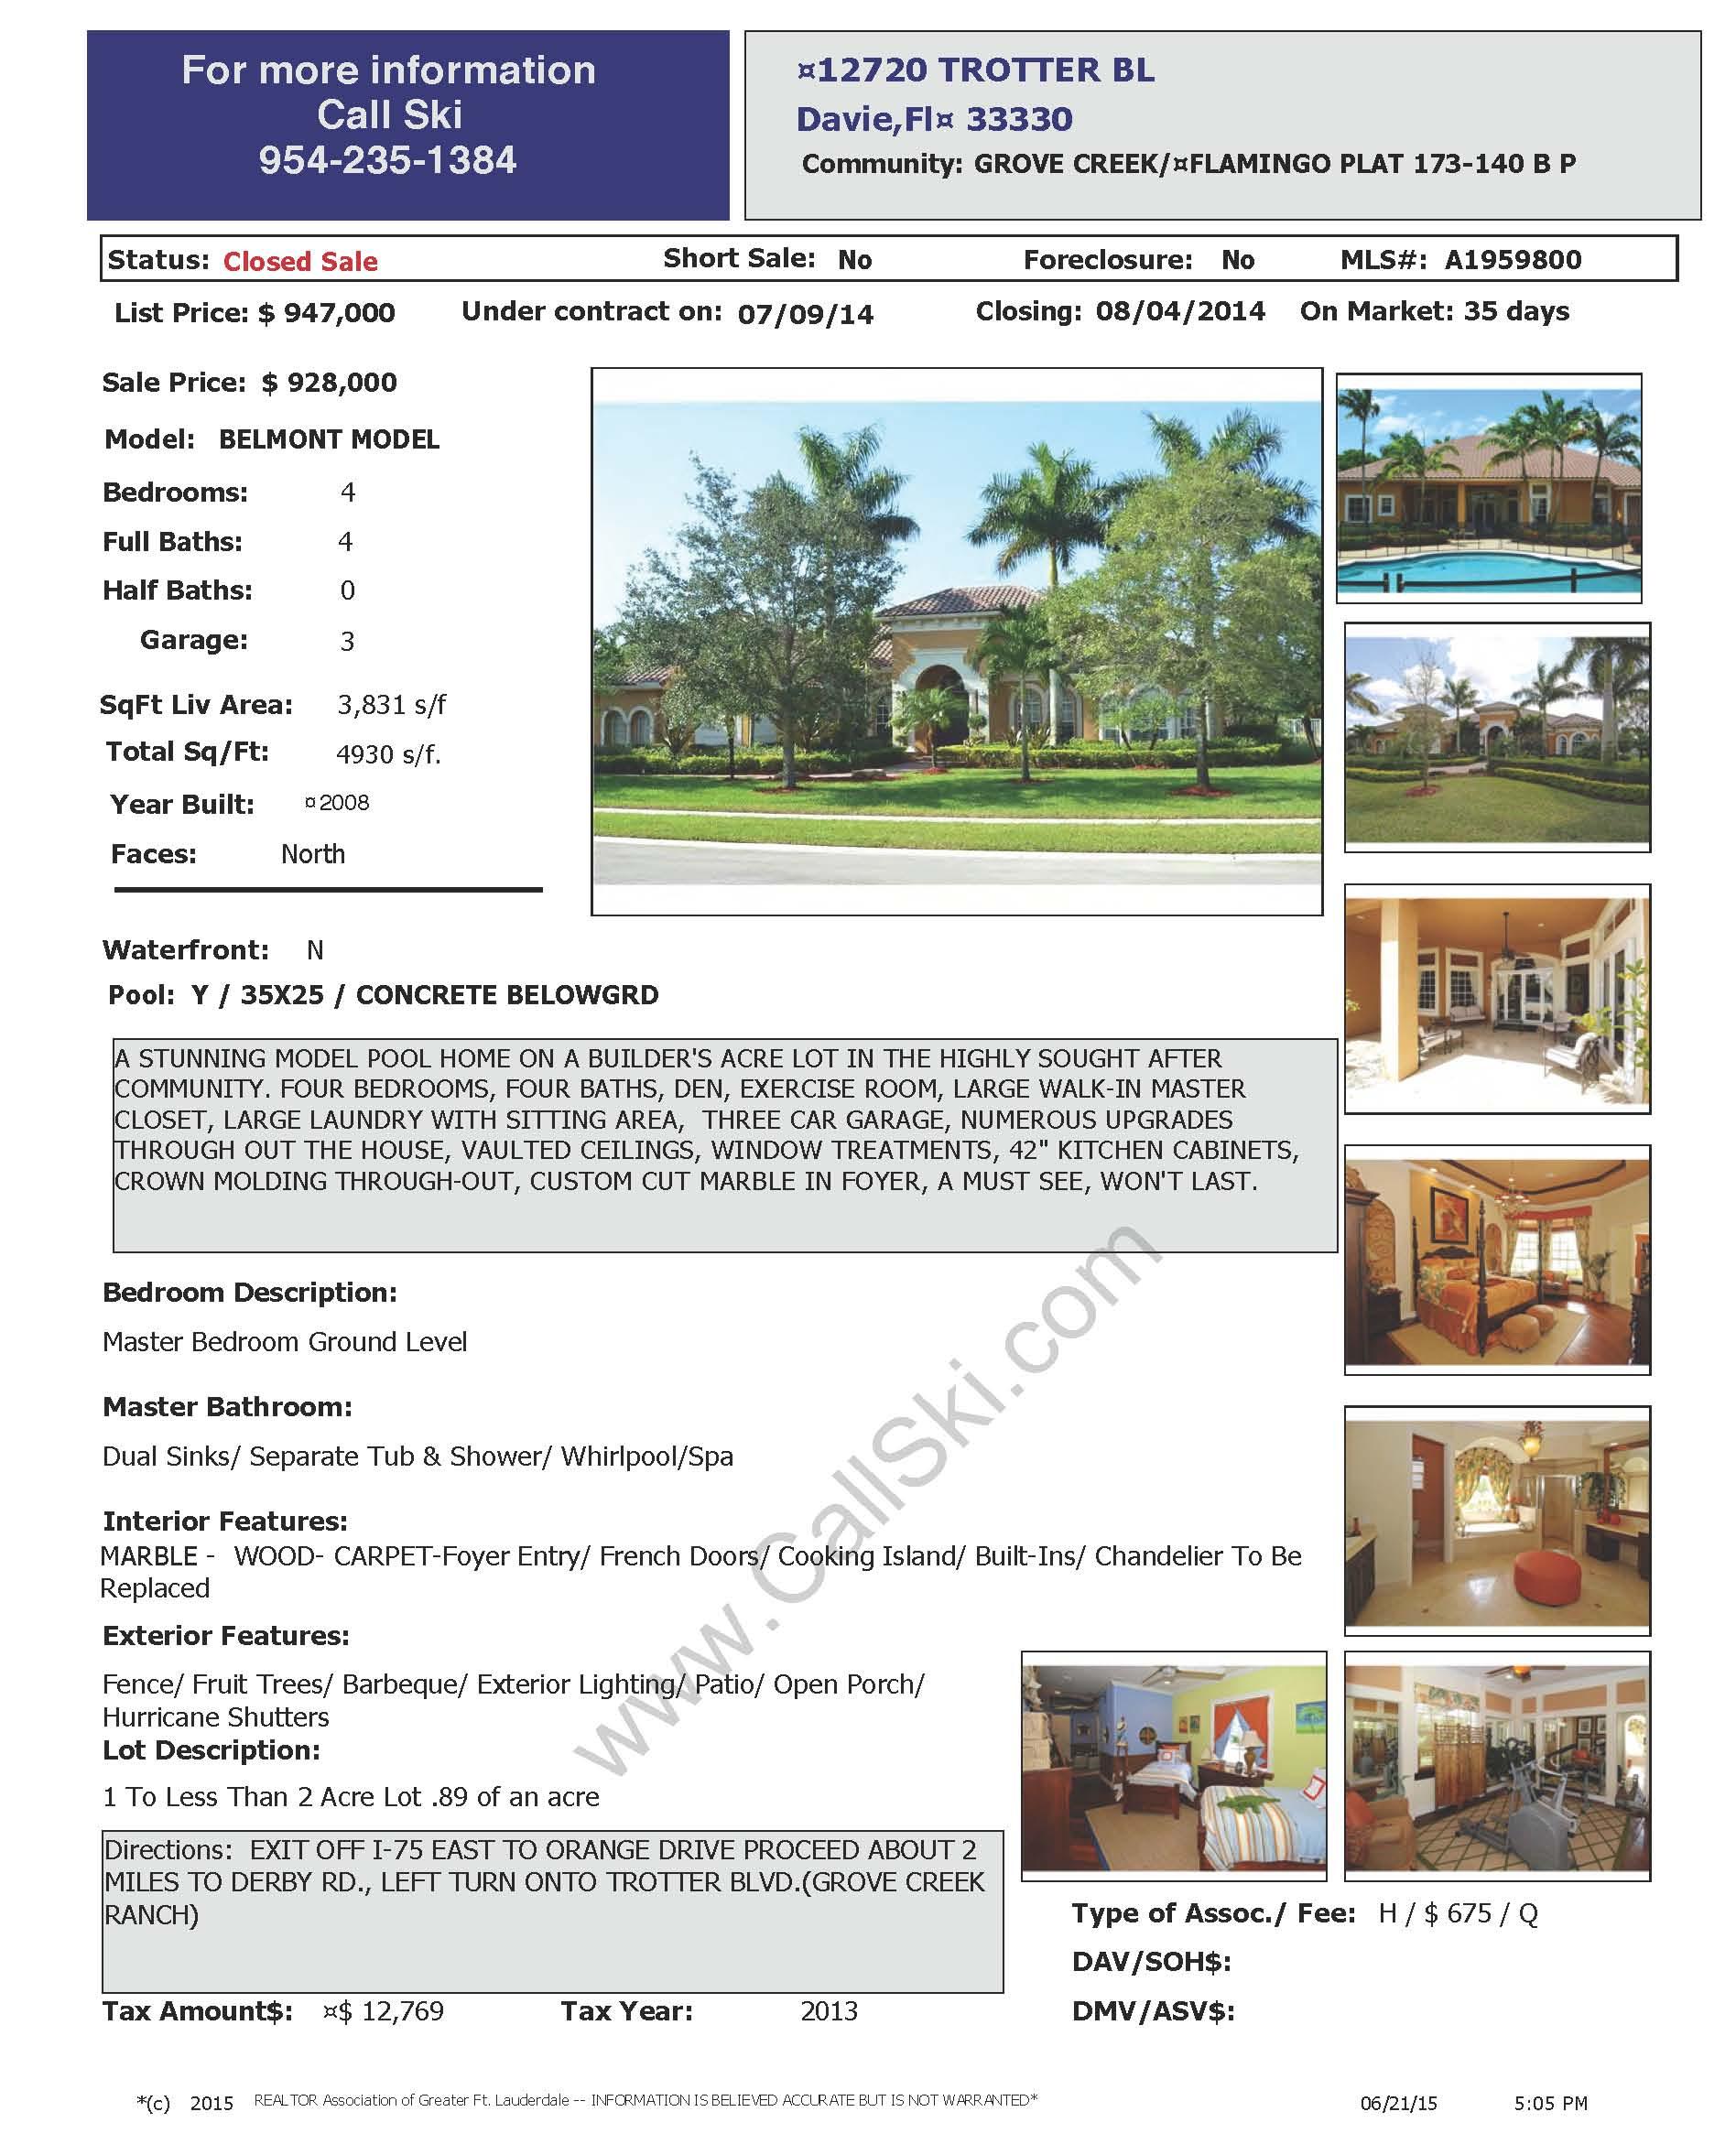 Sold Homes in Davie - Homes for sale in Davie   Ski Zielinski